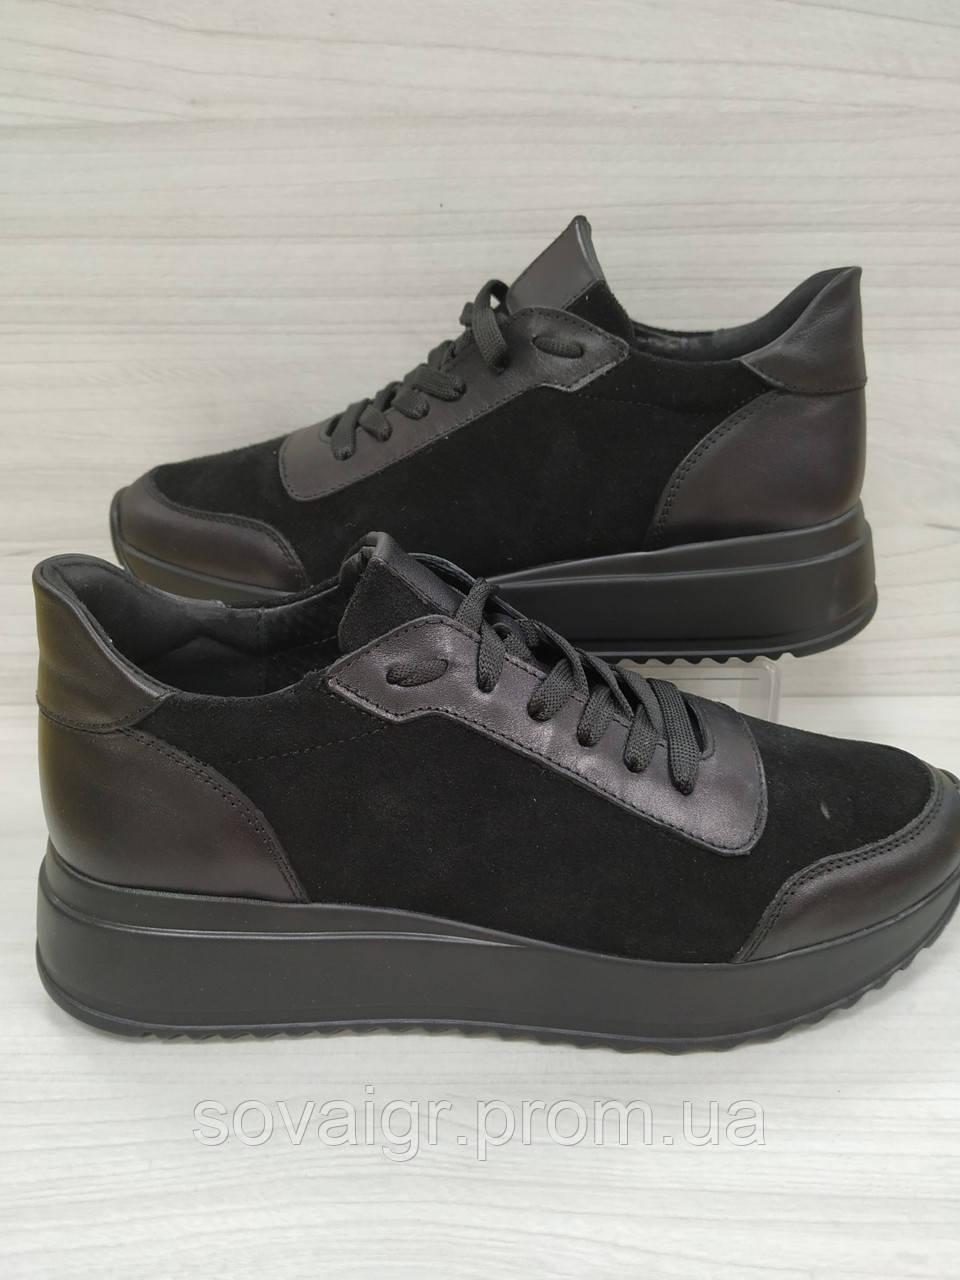 Кроссовки кожаные черные женские EMILI